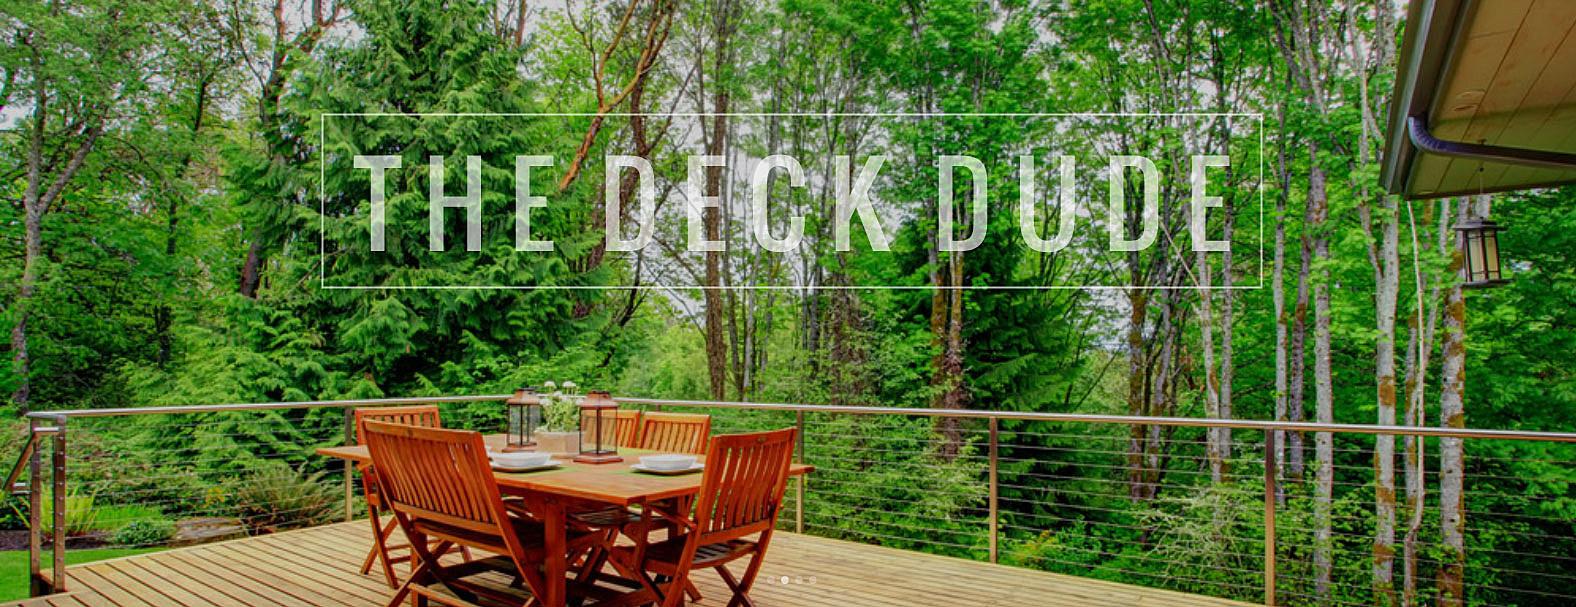 DeckDude-Banner